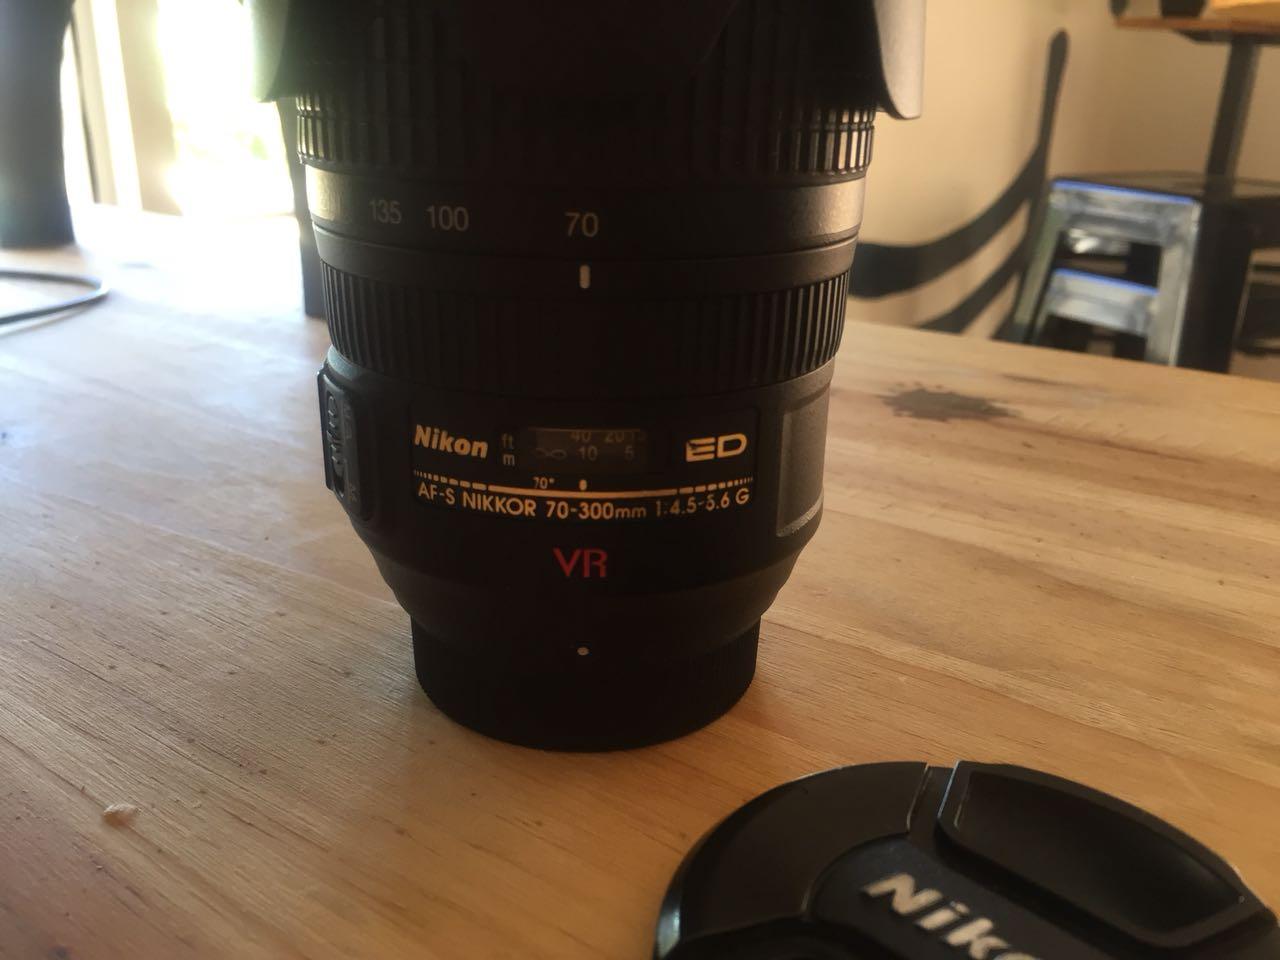 Nikon Af S 70 300mm F 45 56 G If Ed Vr Lens For Sale Junk Mail Sigma 4 Dg Os